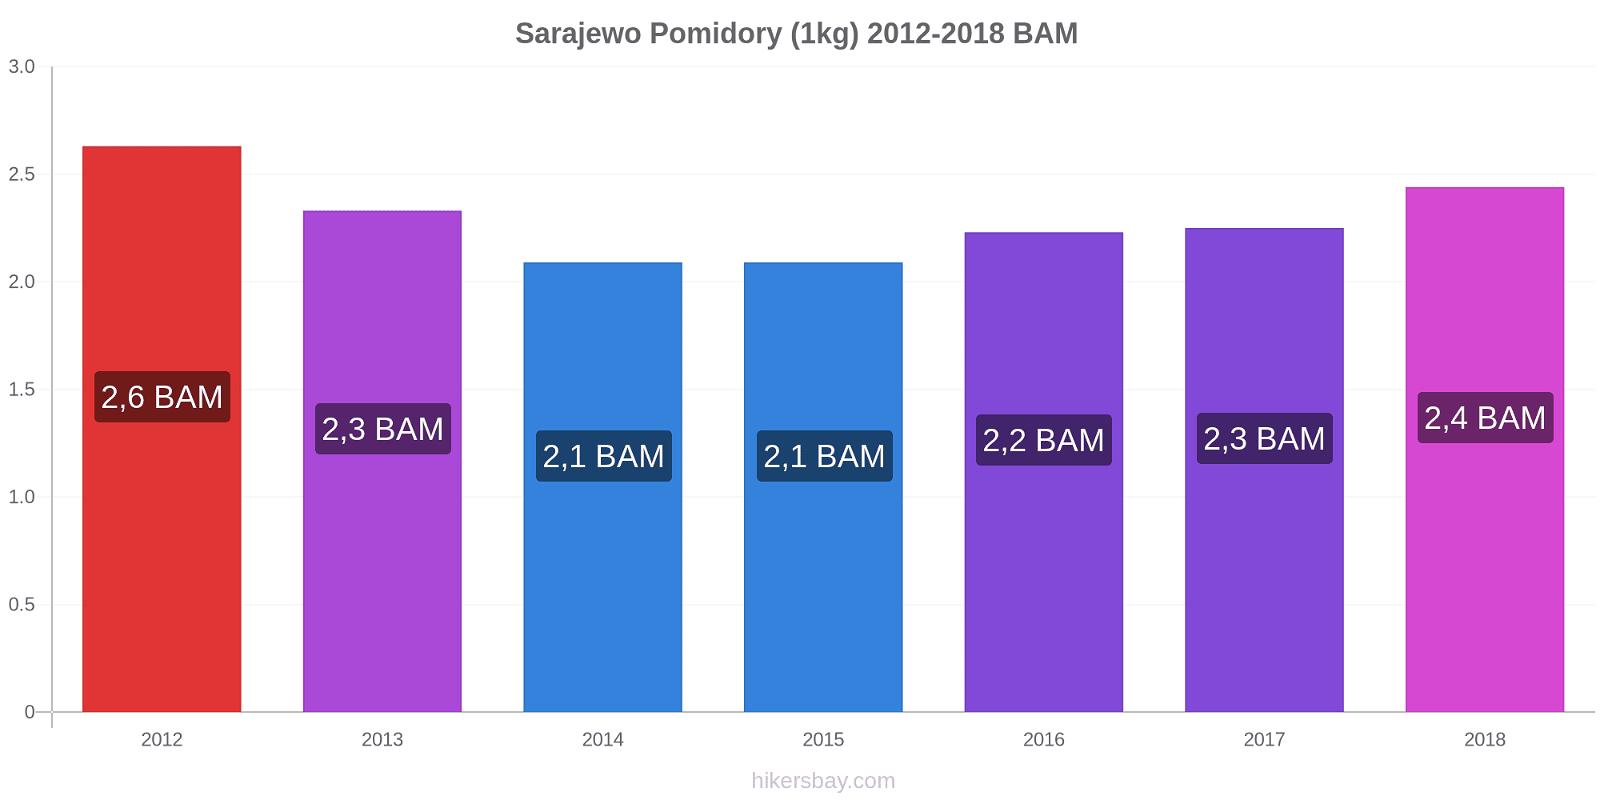 Sarajewo zmiany cen Pomidory (1kg) hikersbay.com